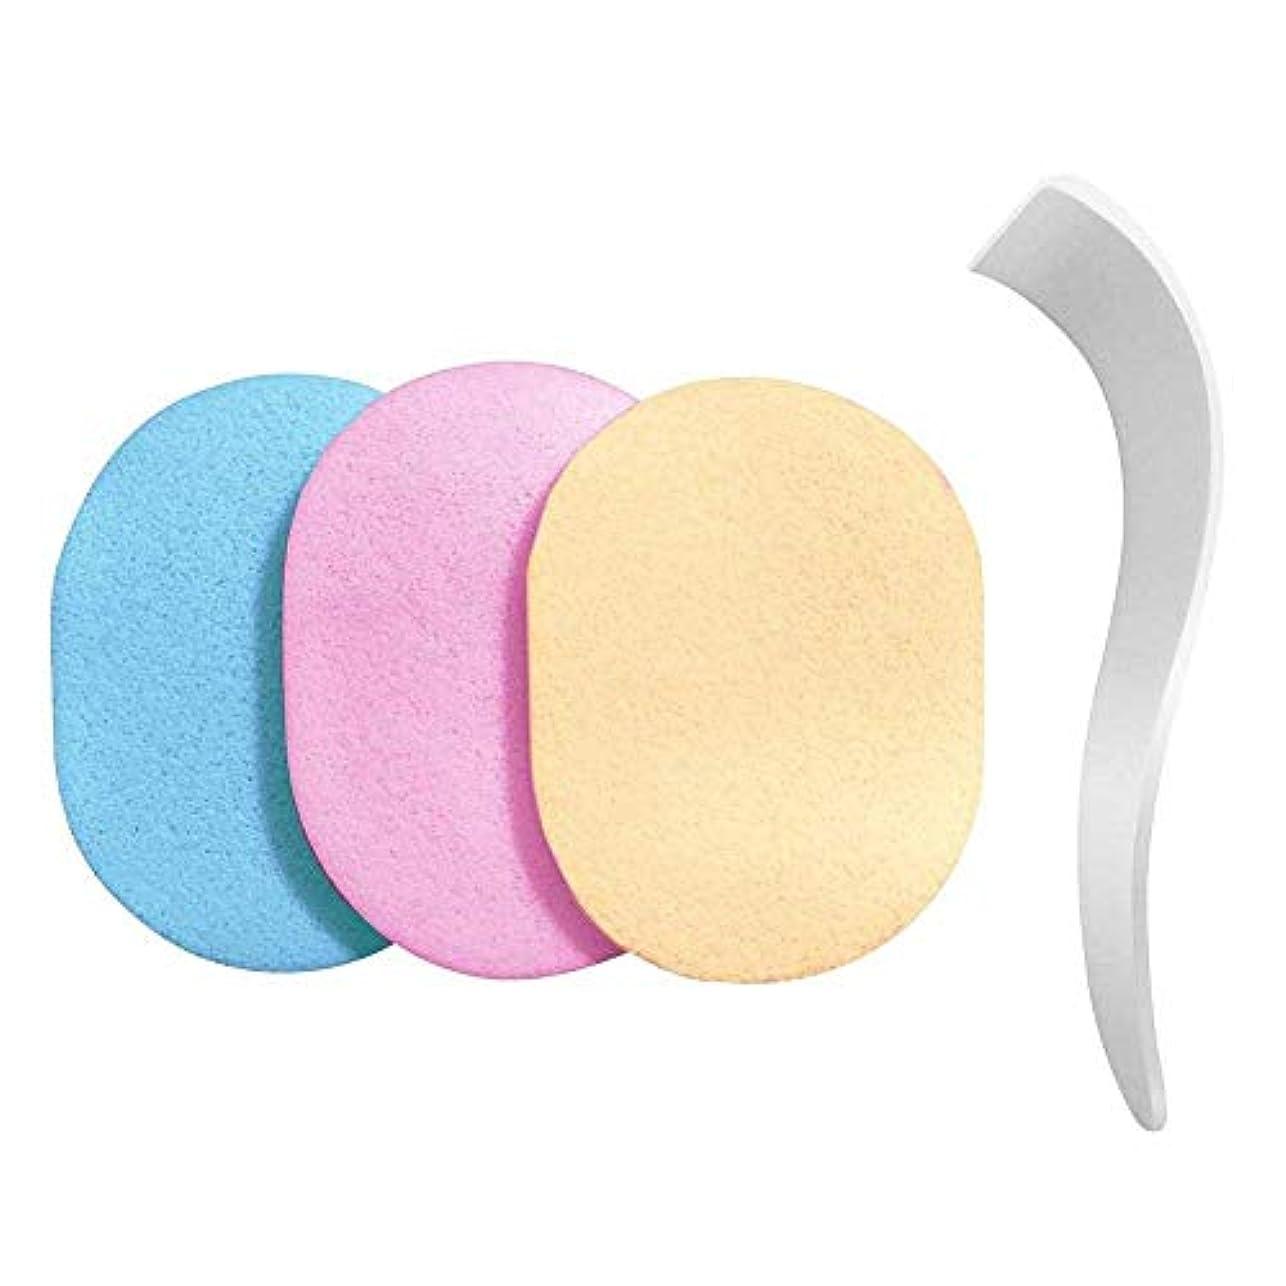 感嘆符膨らみ投資するSimg 専用ヘラ スポンジ 洗って使える 3色セット 除毛クリーム専用 メンズ レディース【除毛用】